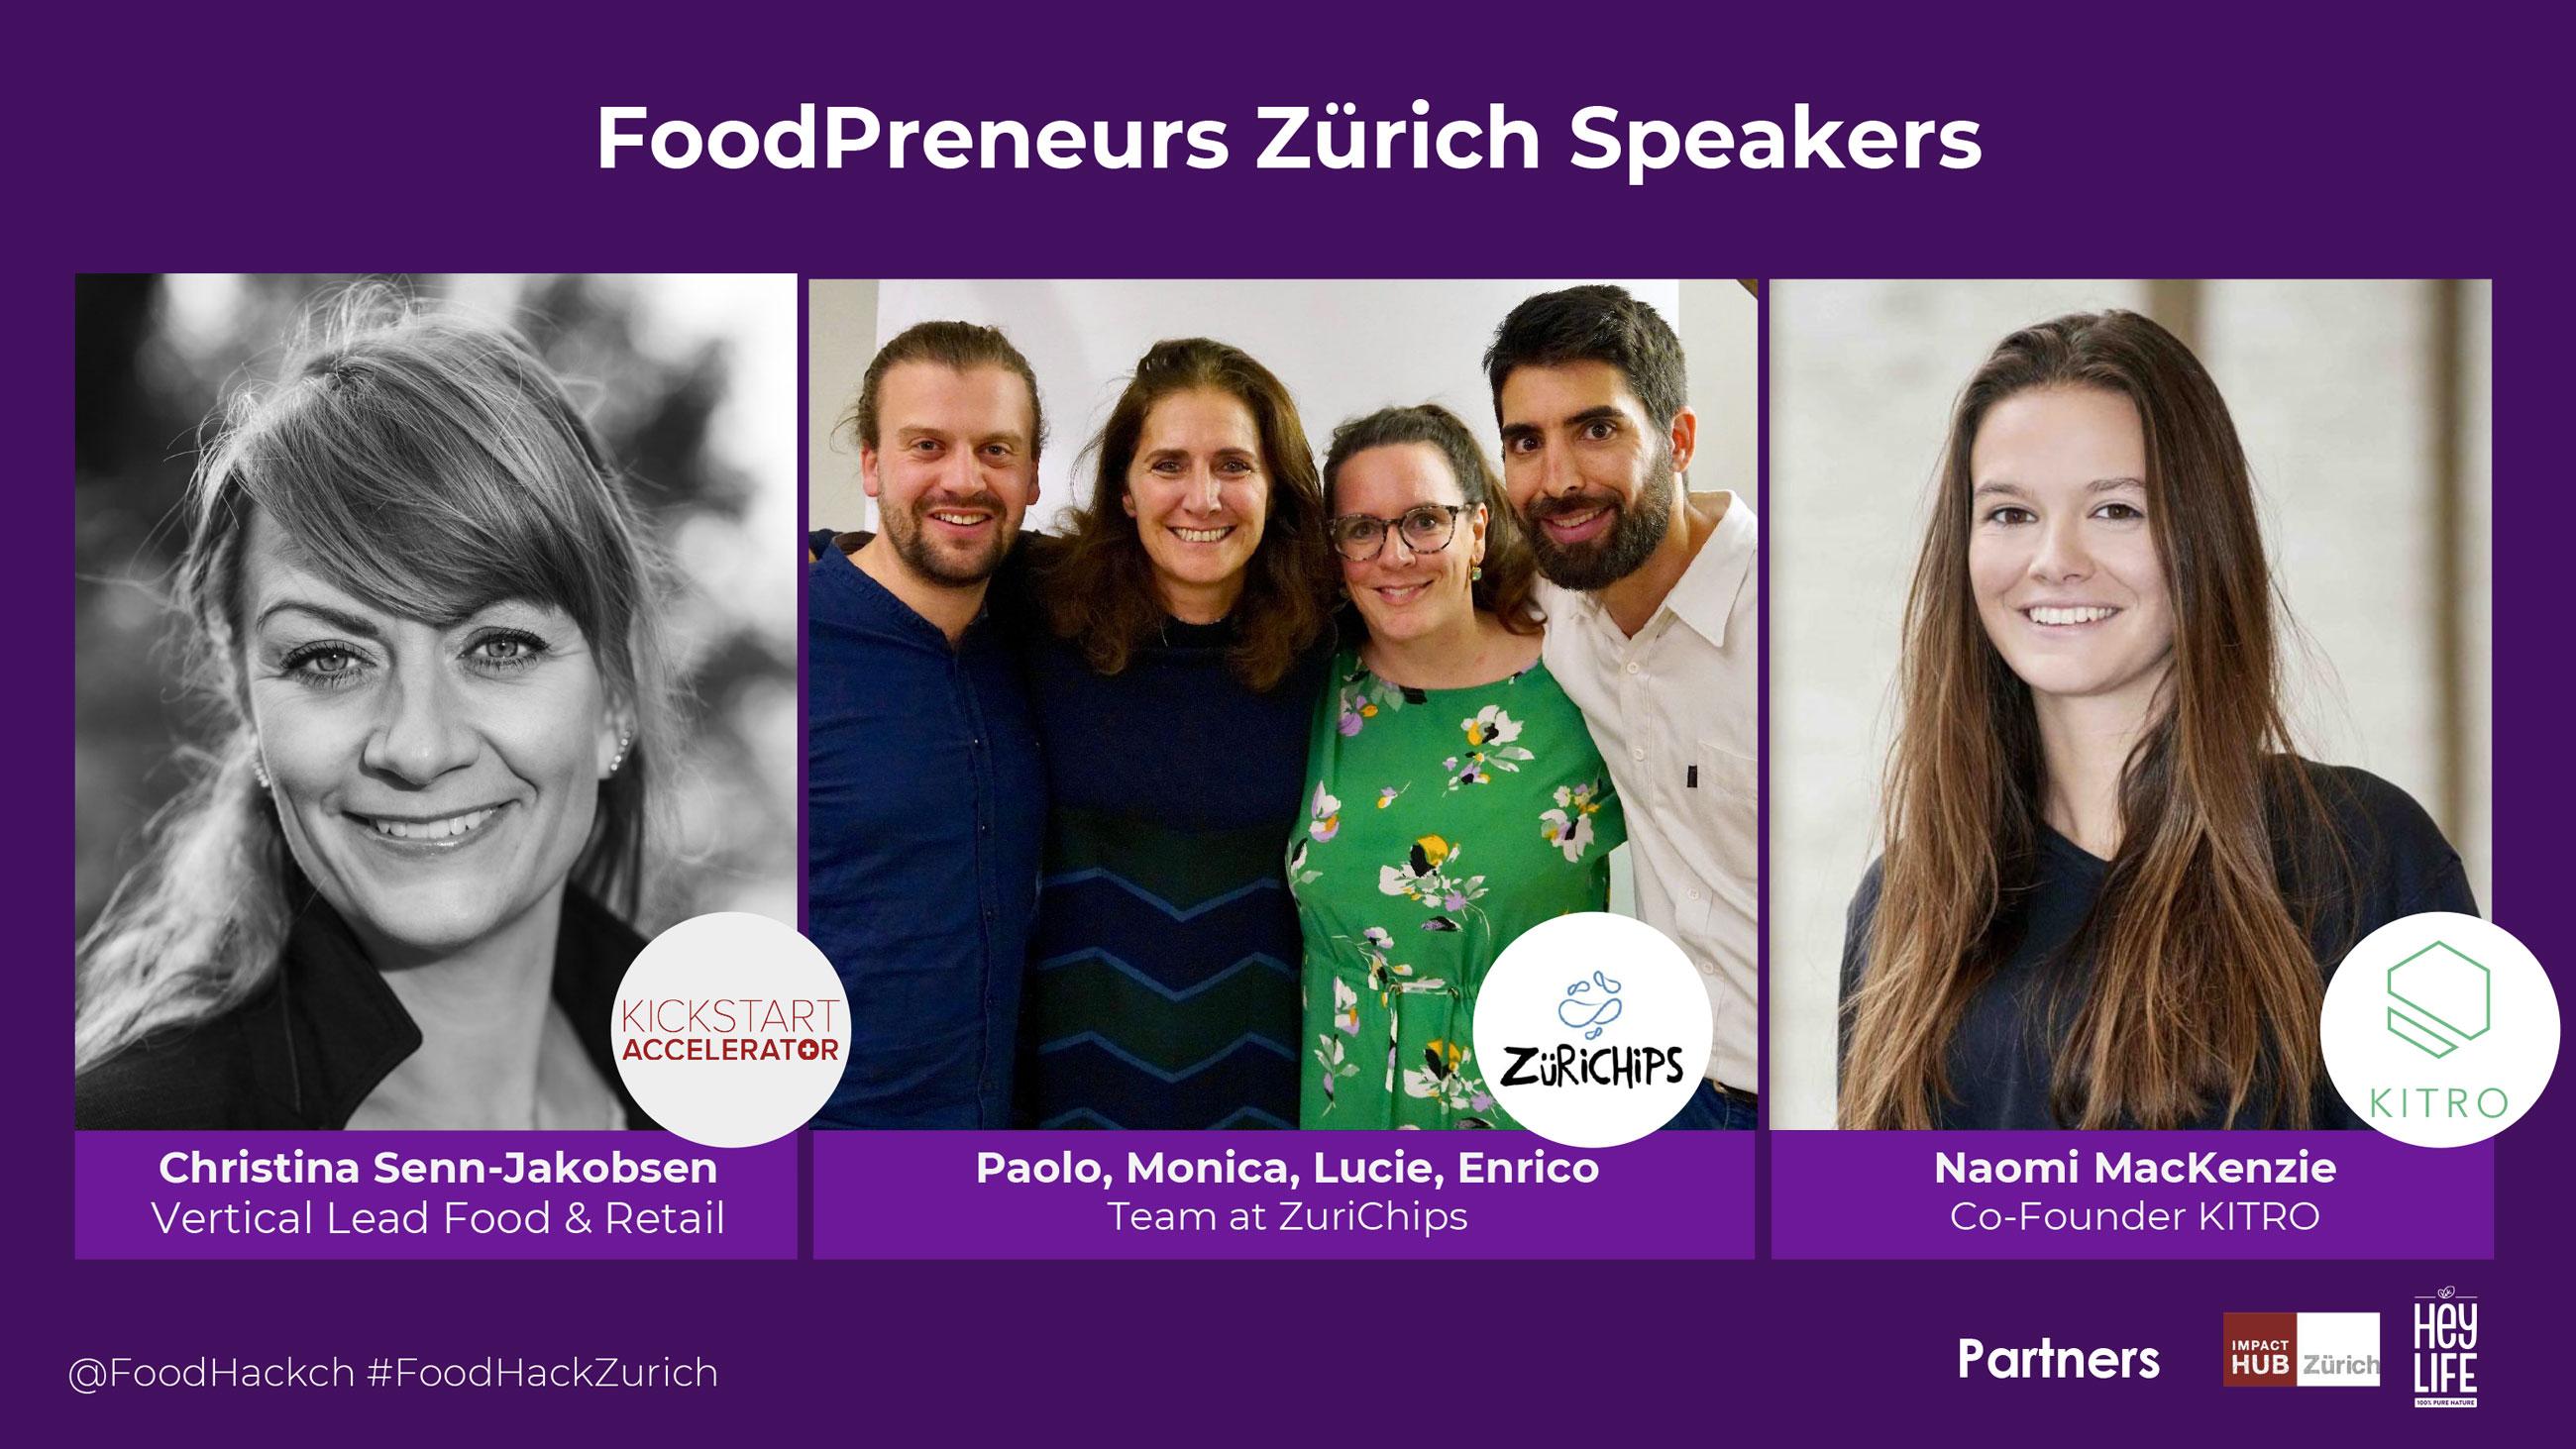 FoodStartups: Kickstart Accelerator, ZuriChips, Kitro